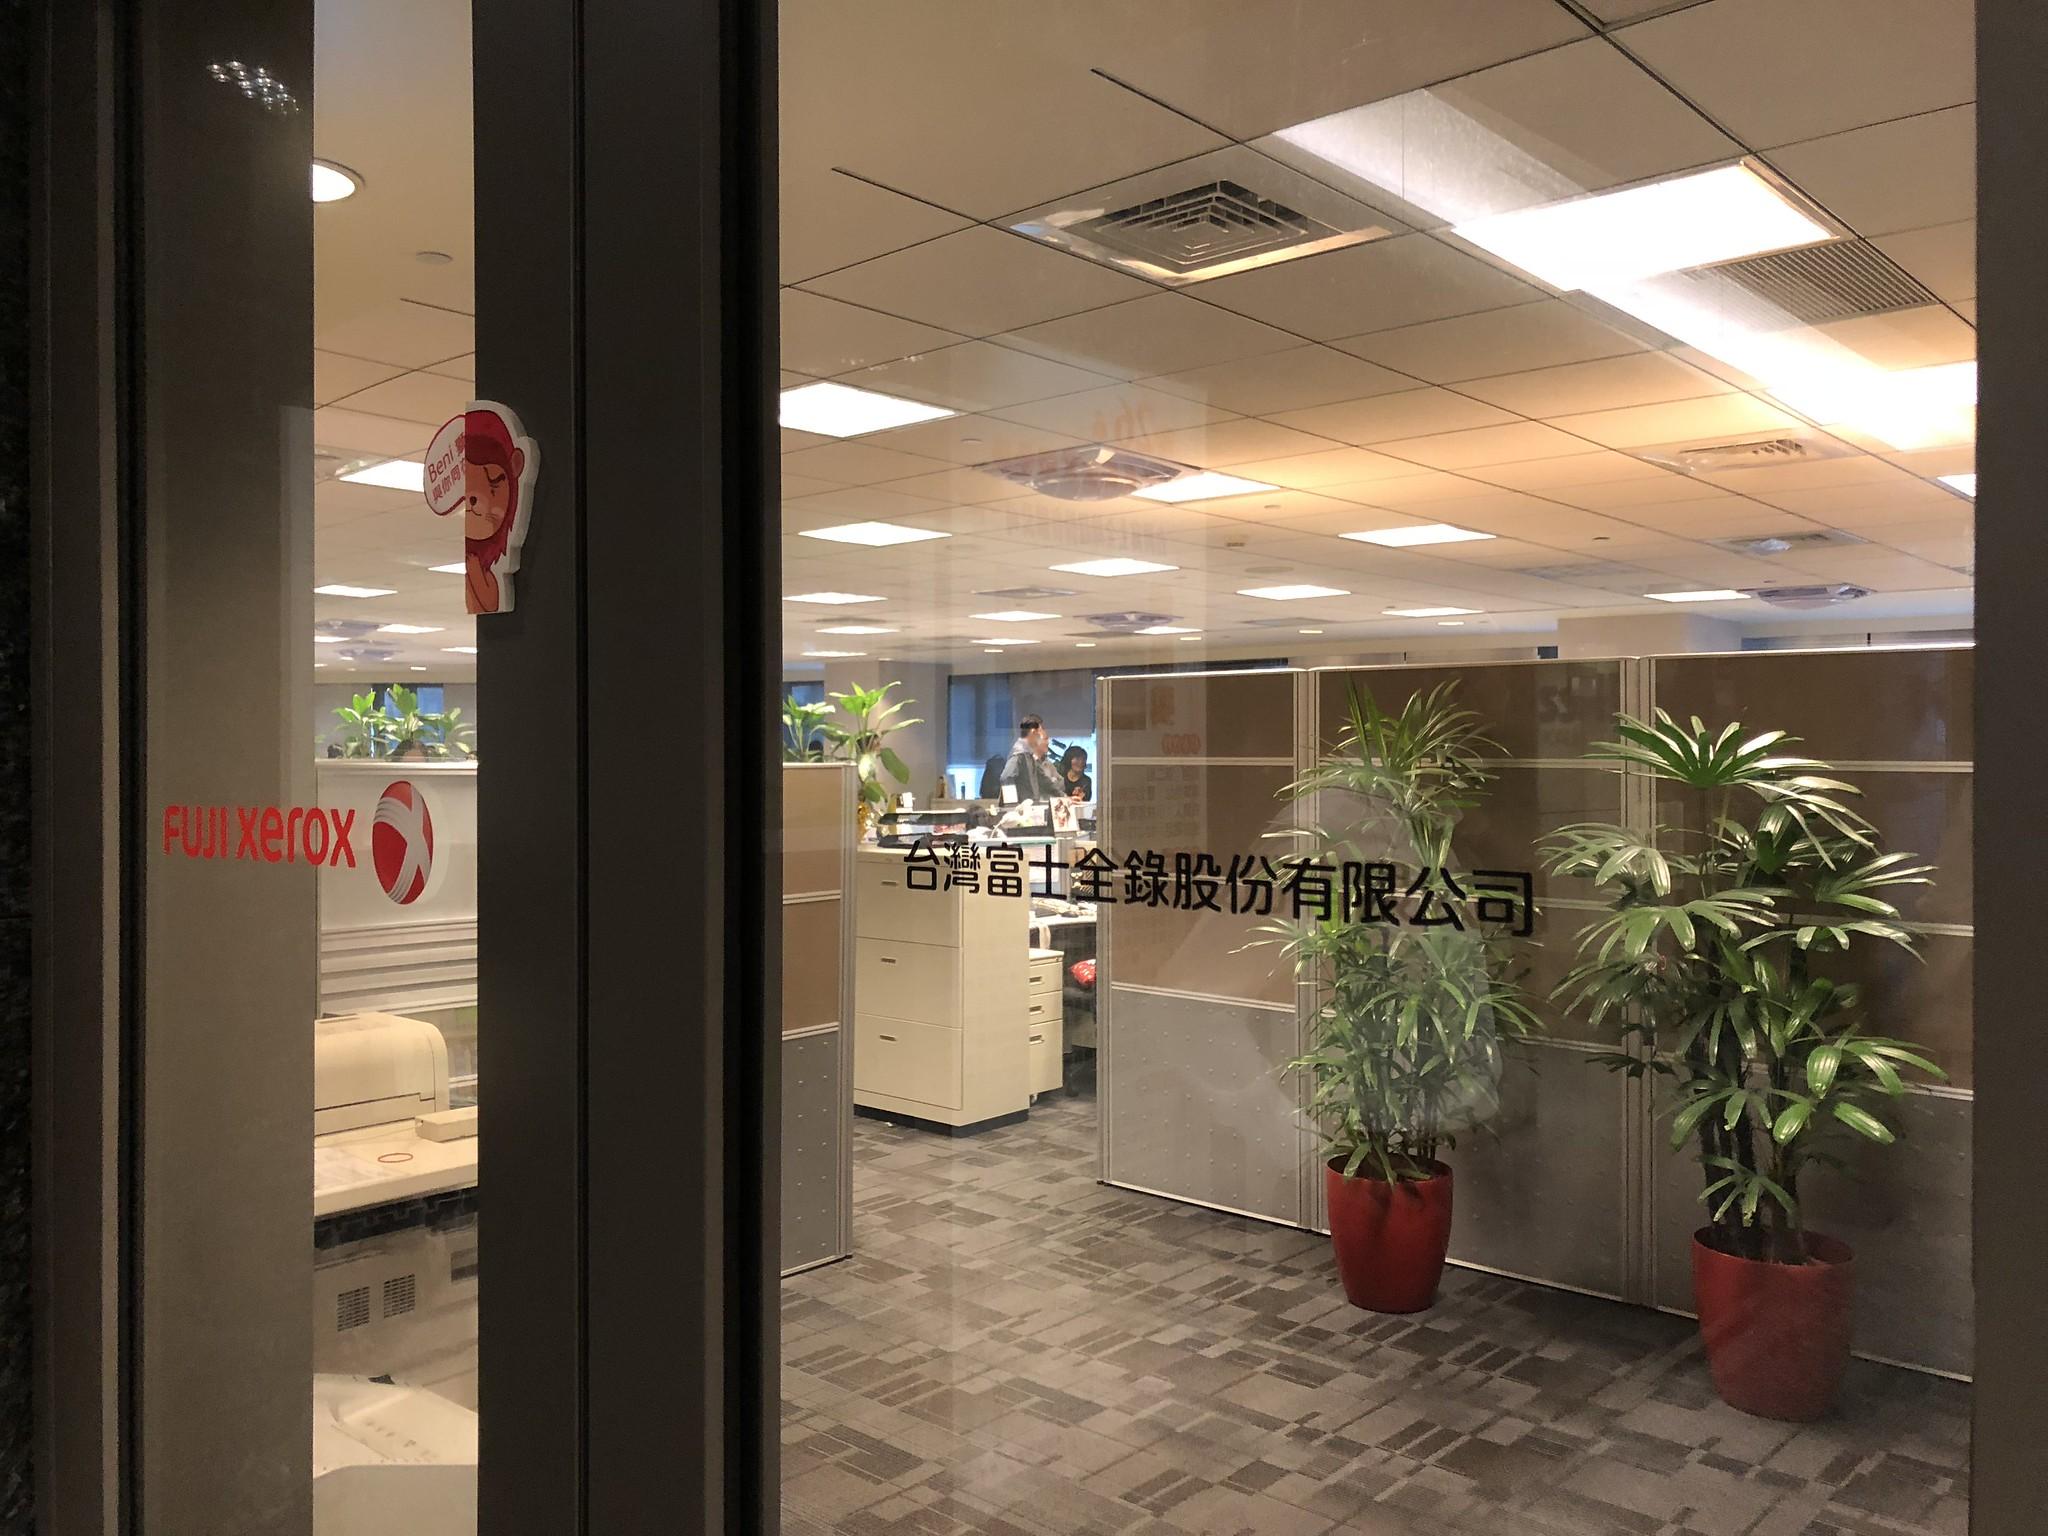 富士全錄台北總公司位於敦化北路,其中6、7、9樓皆為公司所有,目前6、7樓皆已為工會封鎖,唯部分9樓內勤幹部仍持續工作。(攝影:王顥中)